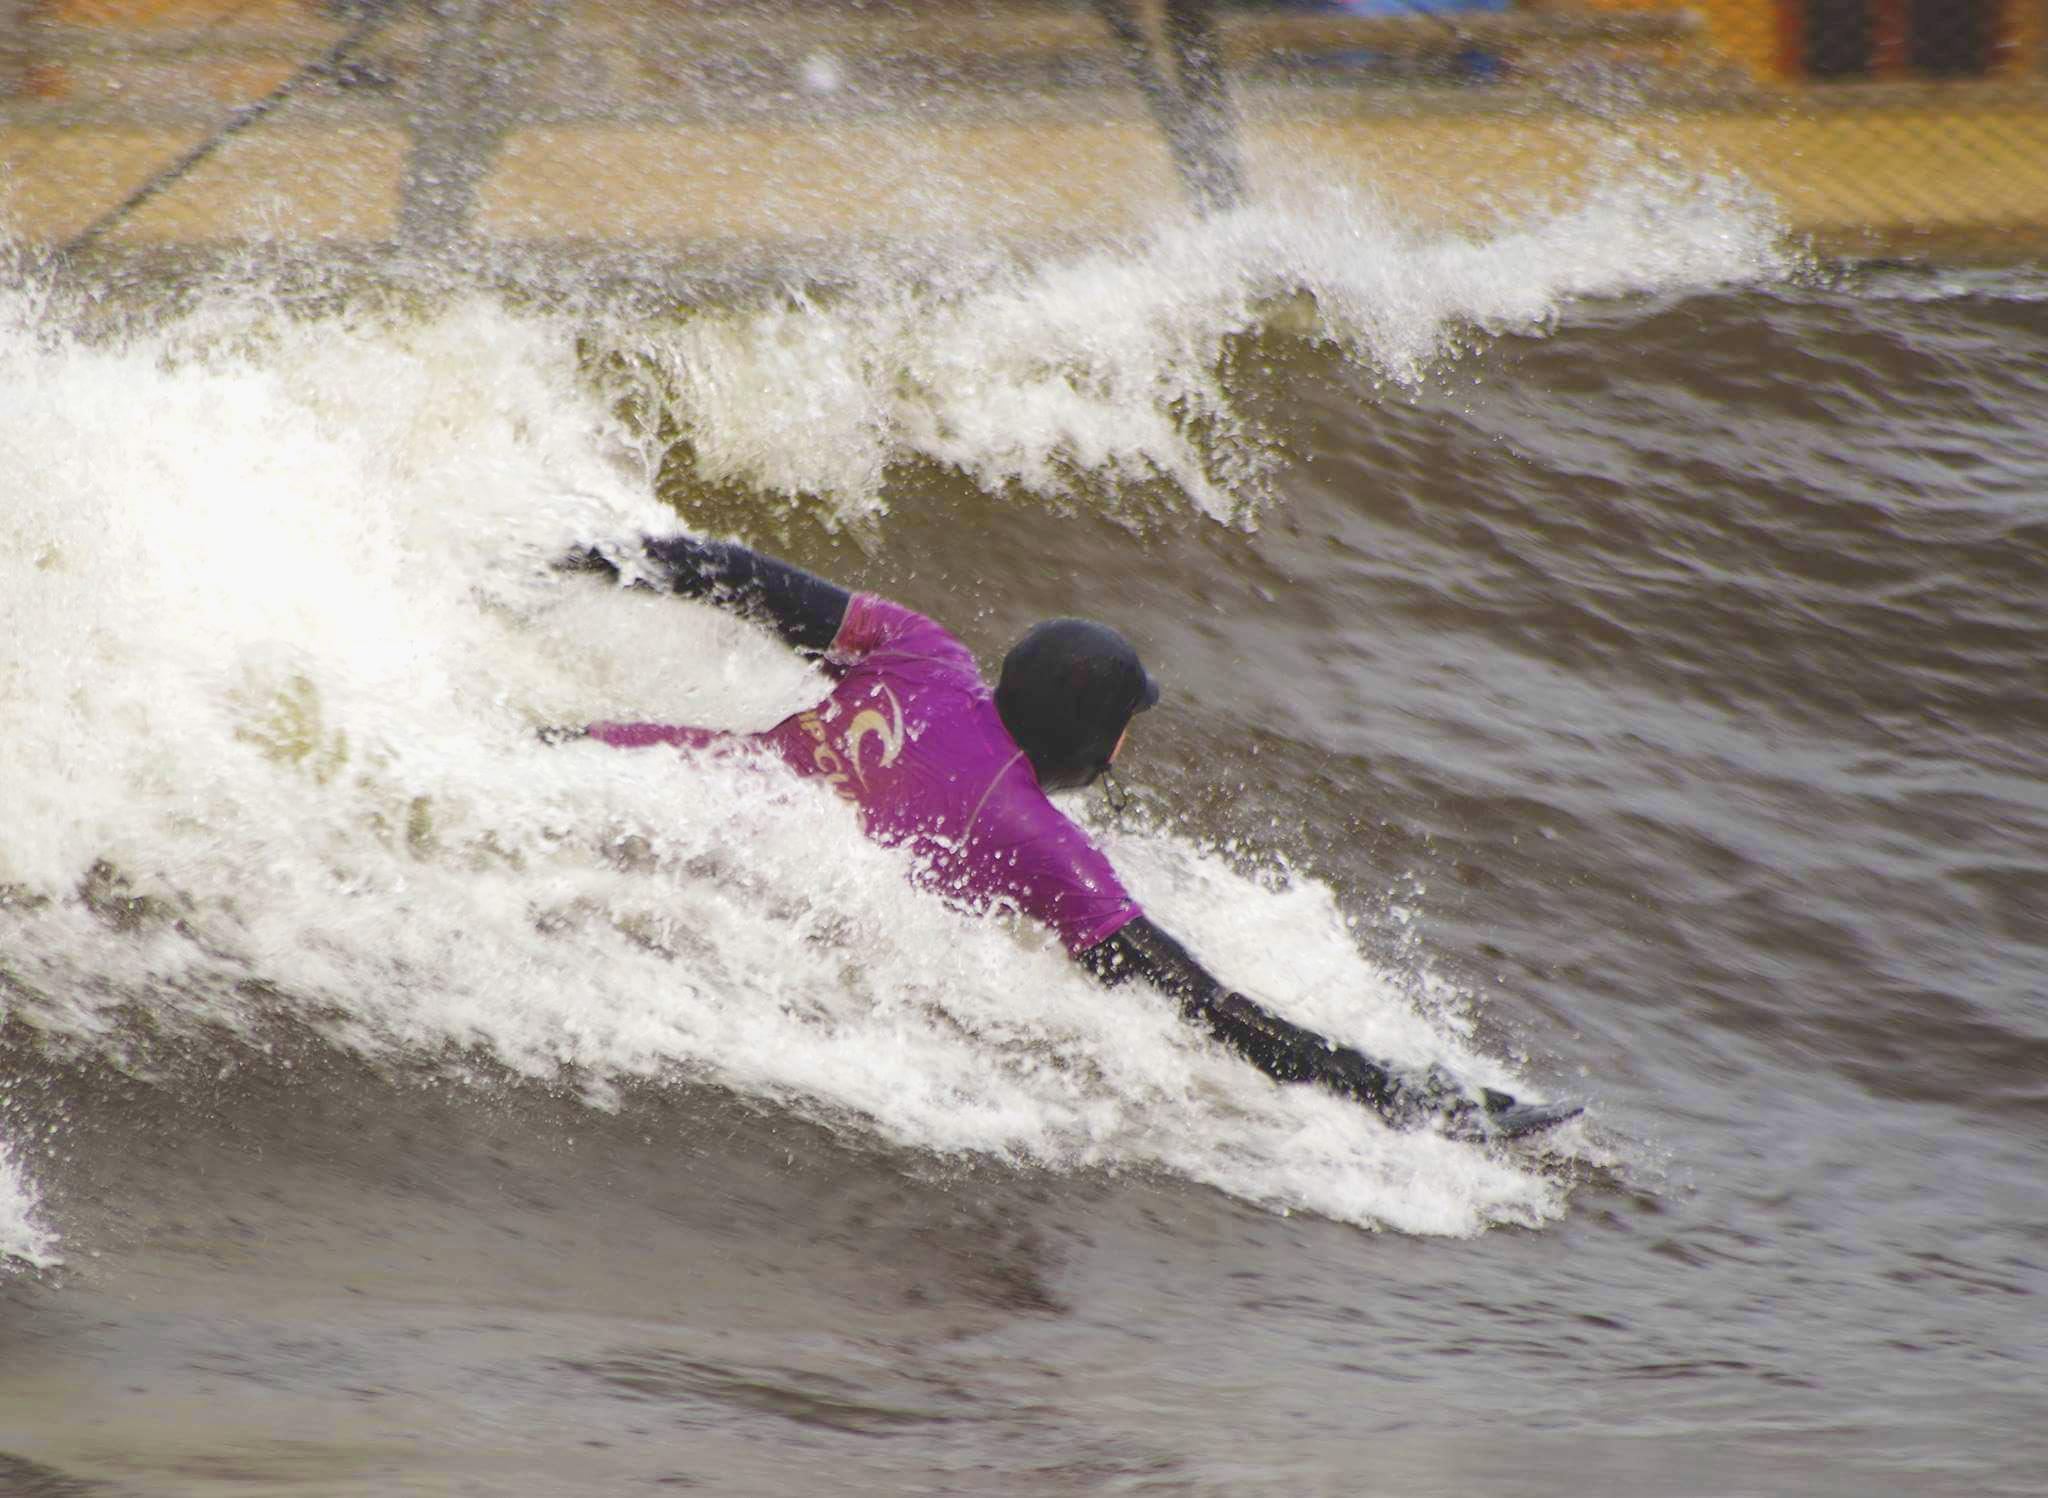 Surf Snowdonia wave